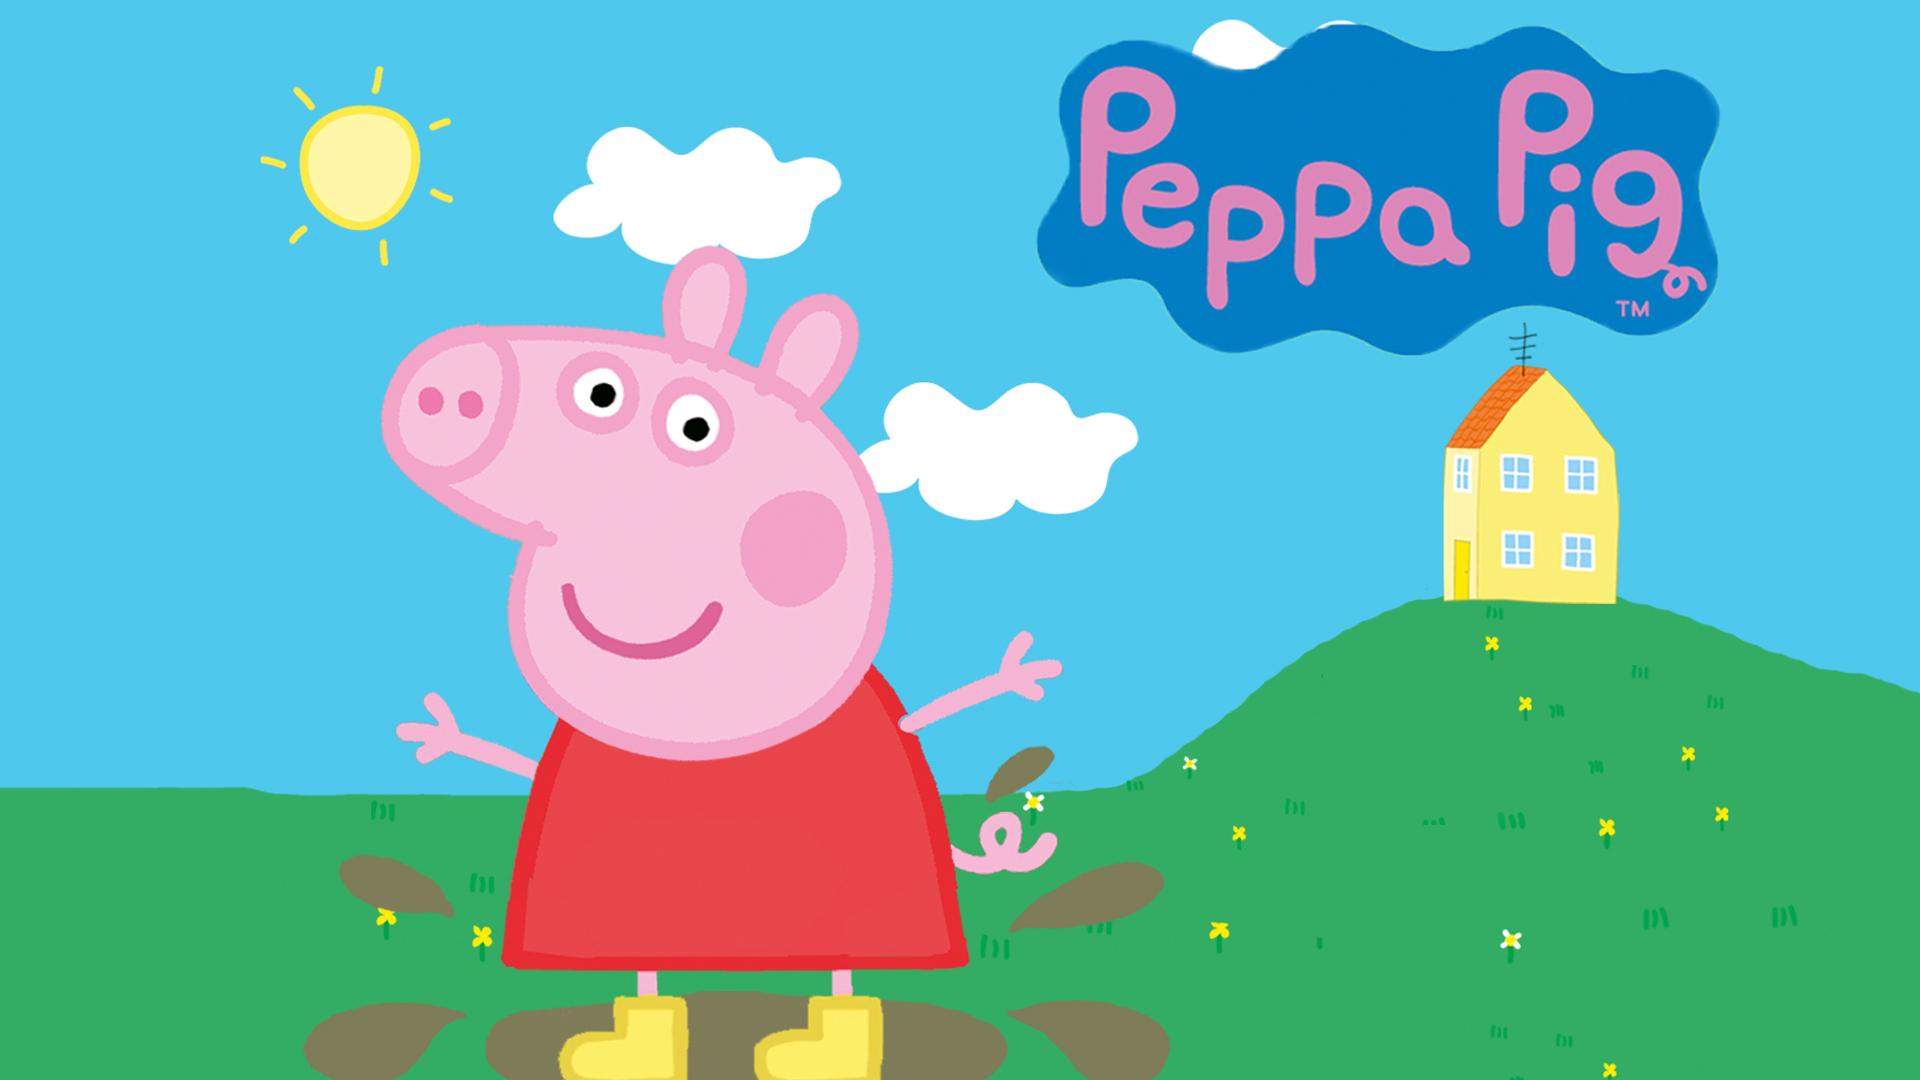 Peppa Pig Volume 1